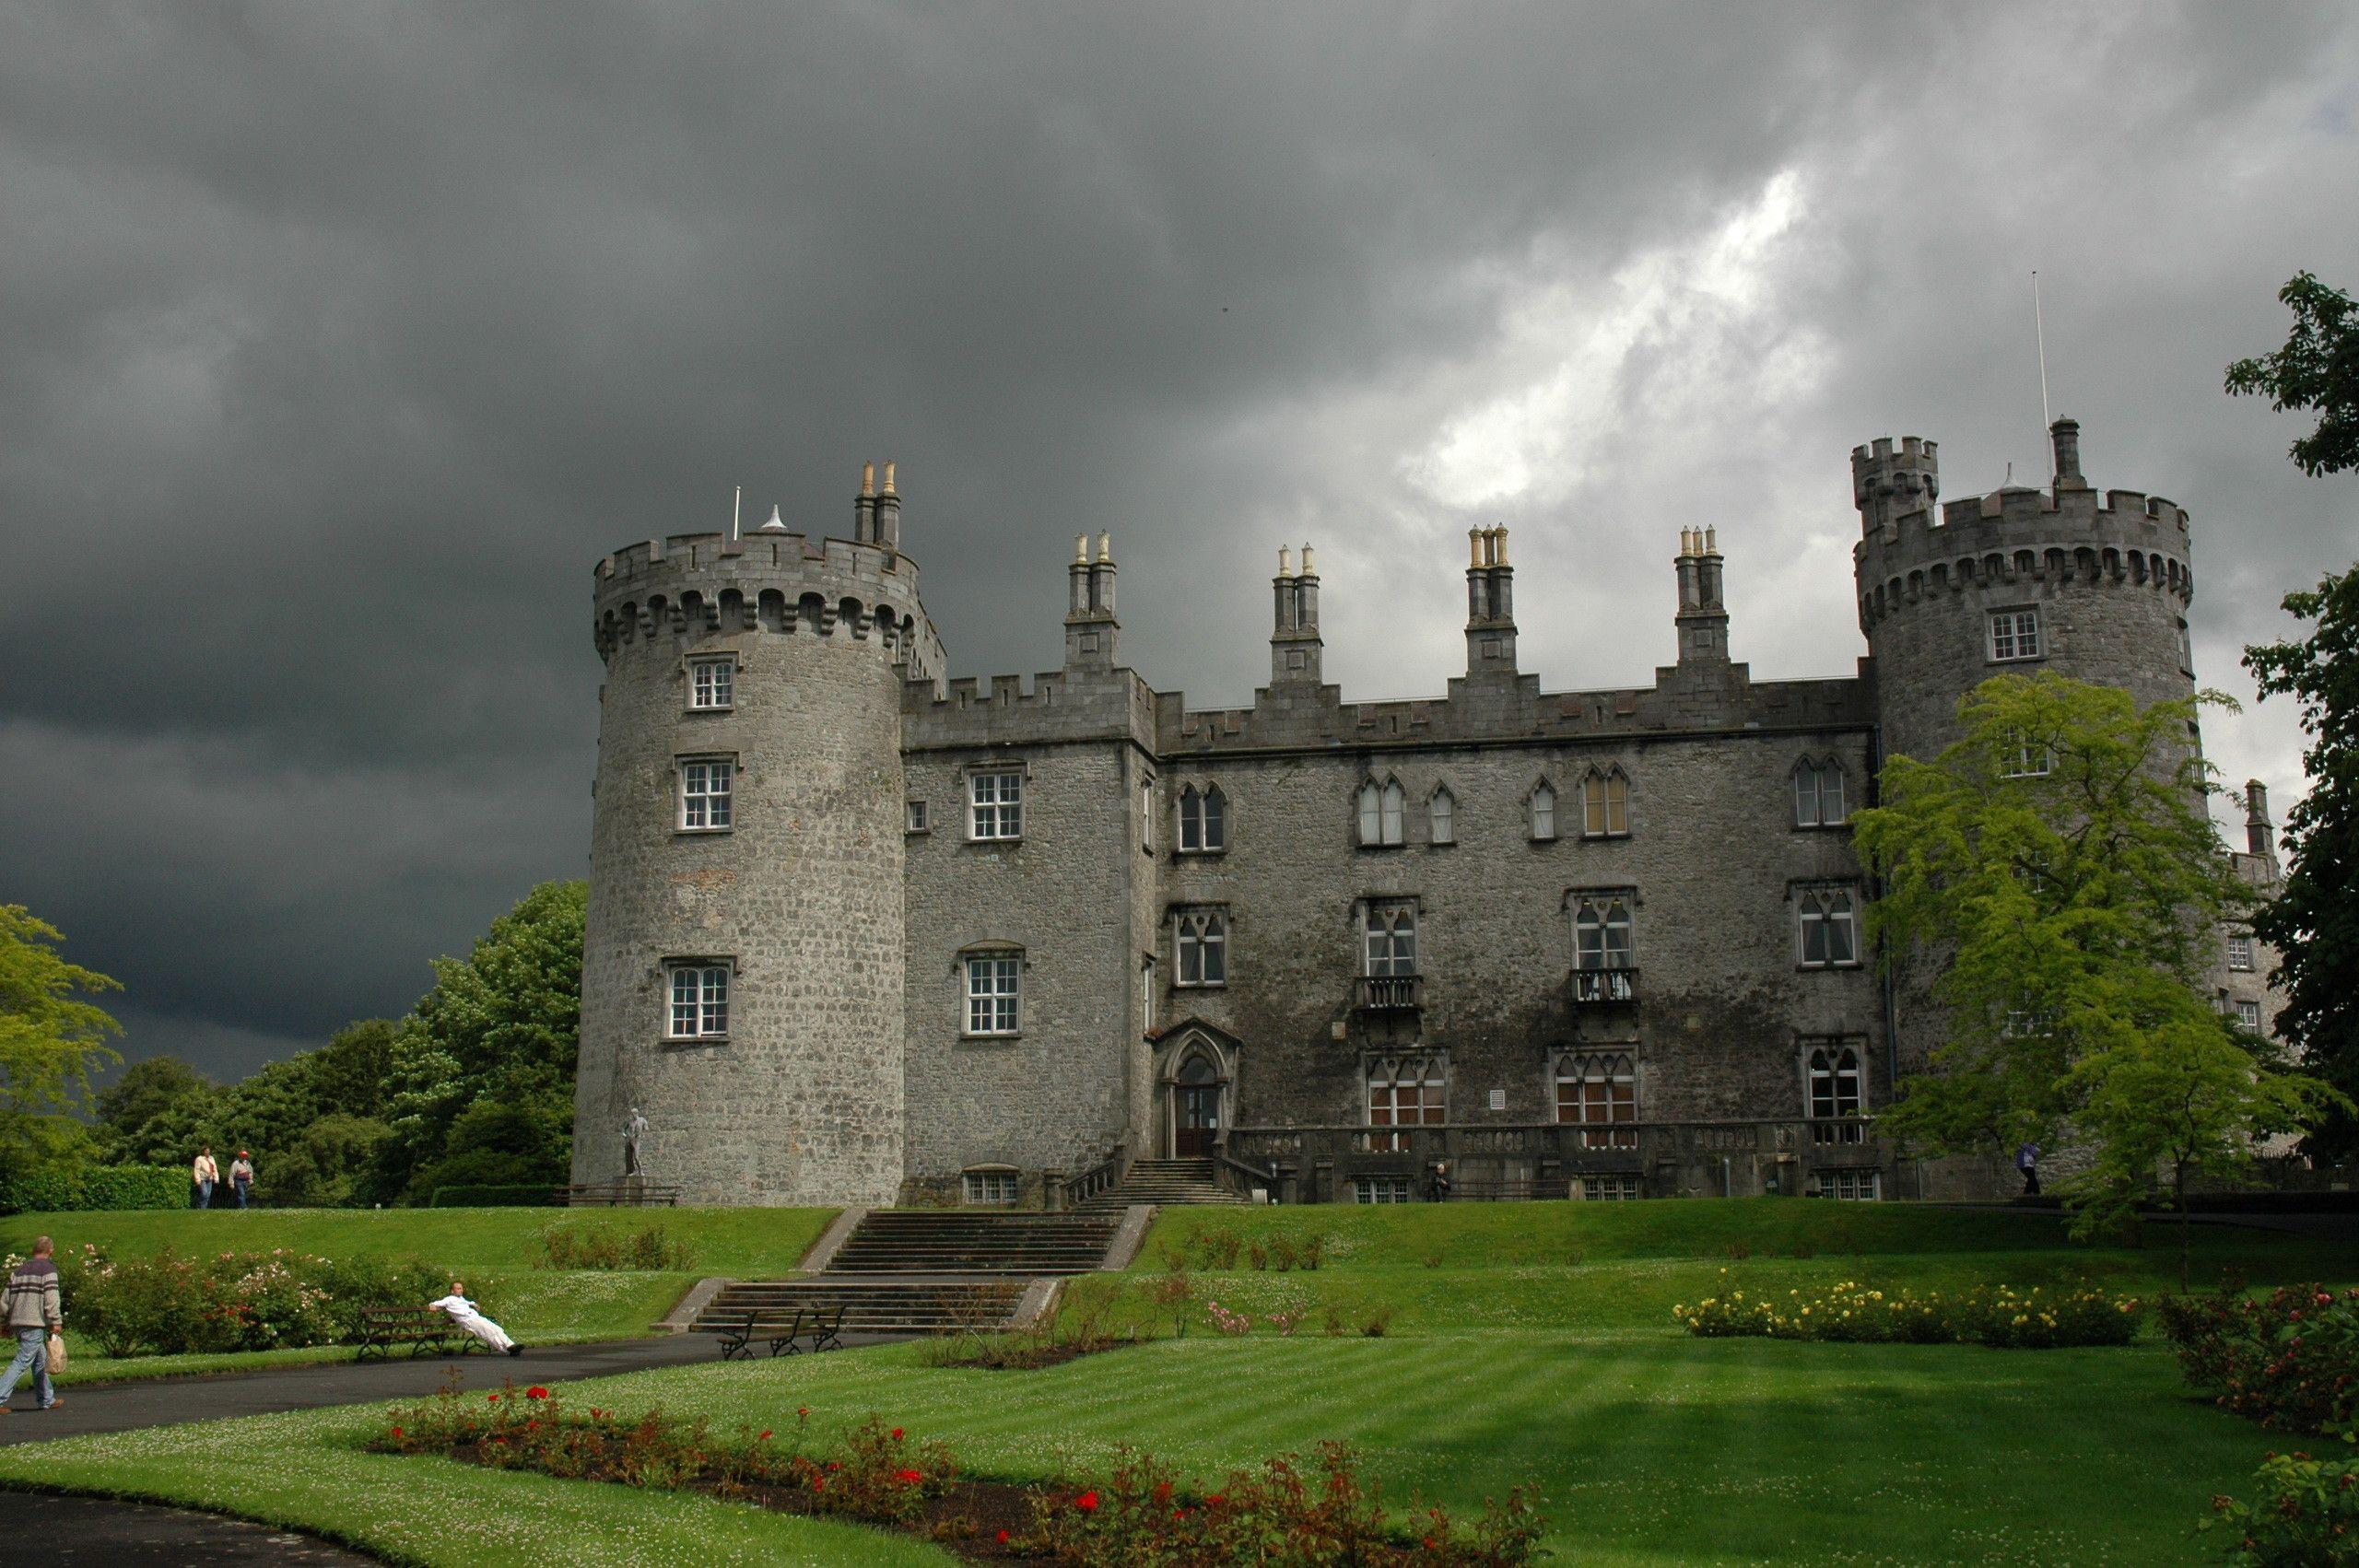 Ireland Castles Wallpapers   Top Ireland Castles Backgrounds 2560x1702